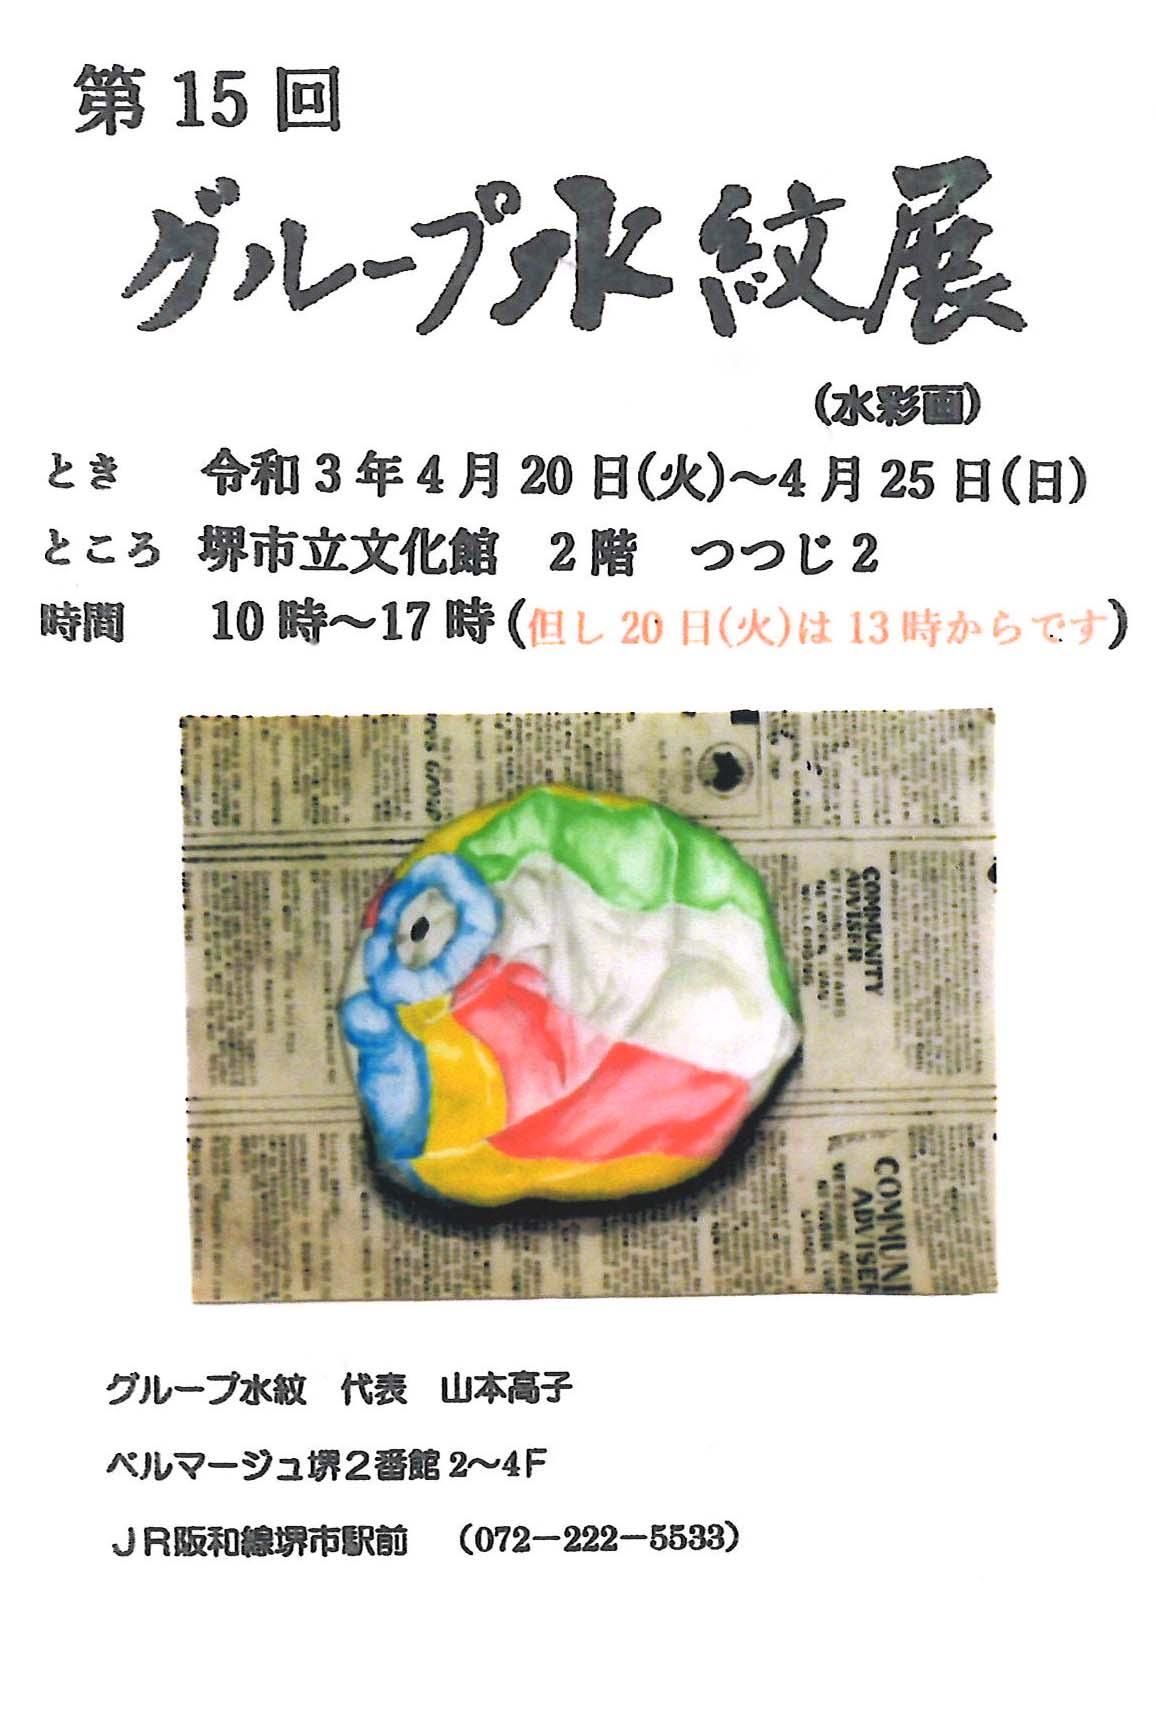 グループ水紋展(水彩画)